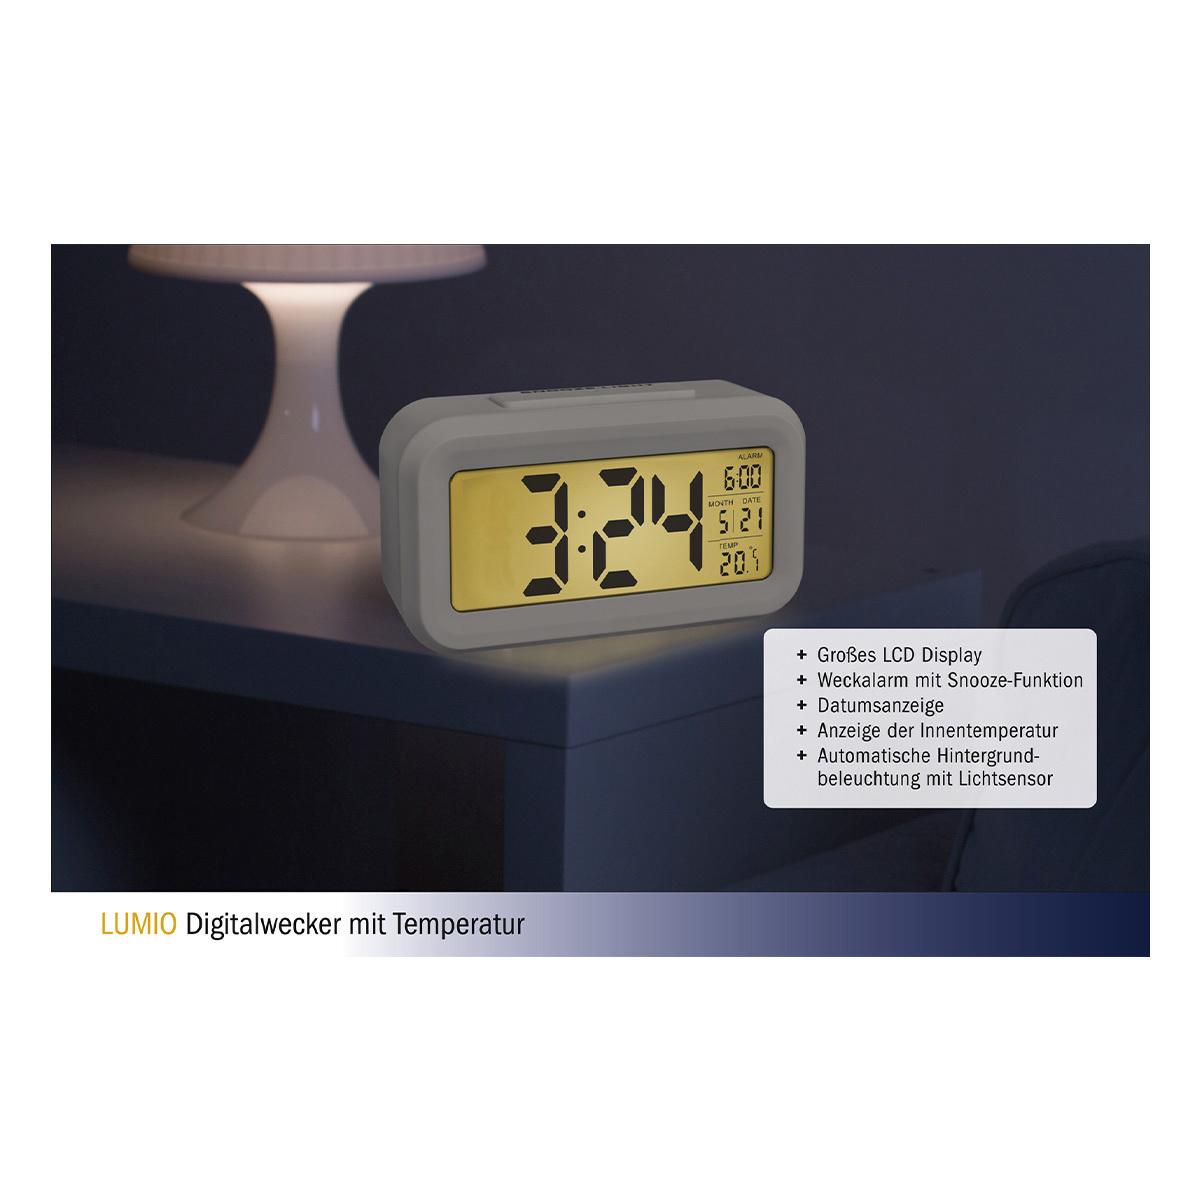 60-2018-02-digitaler-wecker-mit-temperatur-lumio-vorteile-1200x1200px.jpg